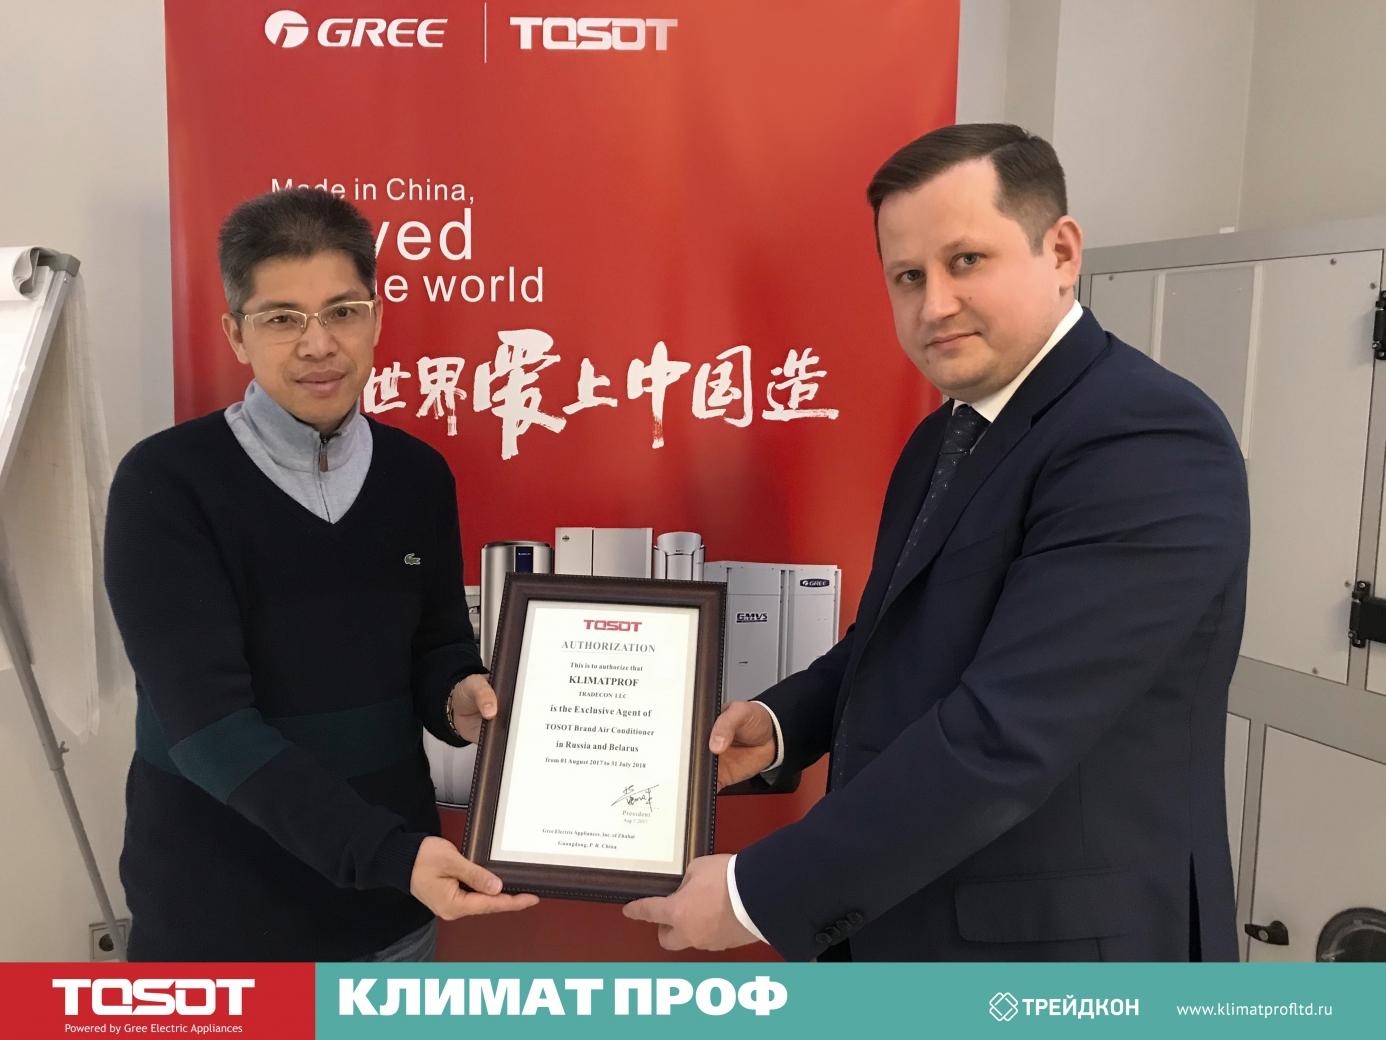 Вручение сертификата эксклюзивного авторизованного дистрибьютора ТМ TOSOT